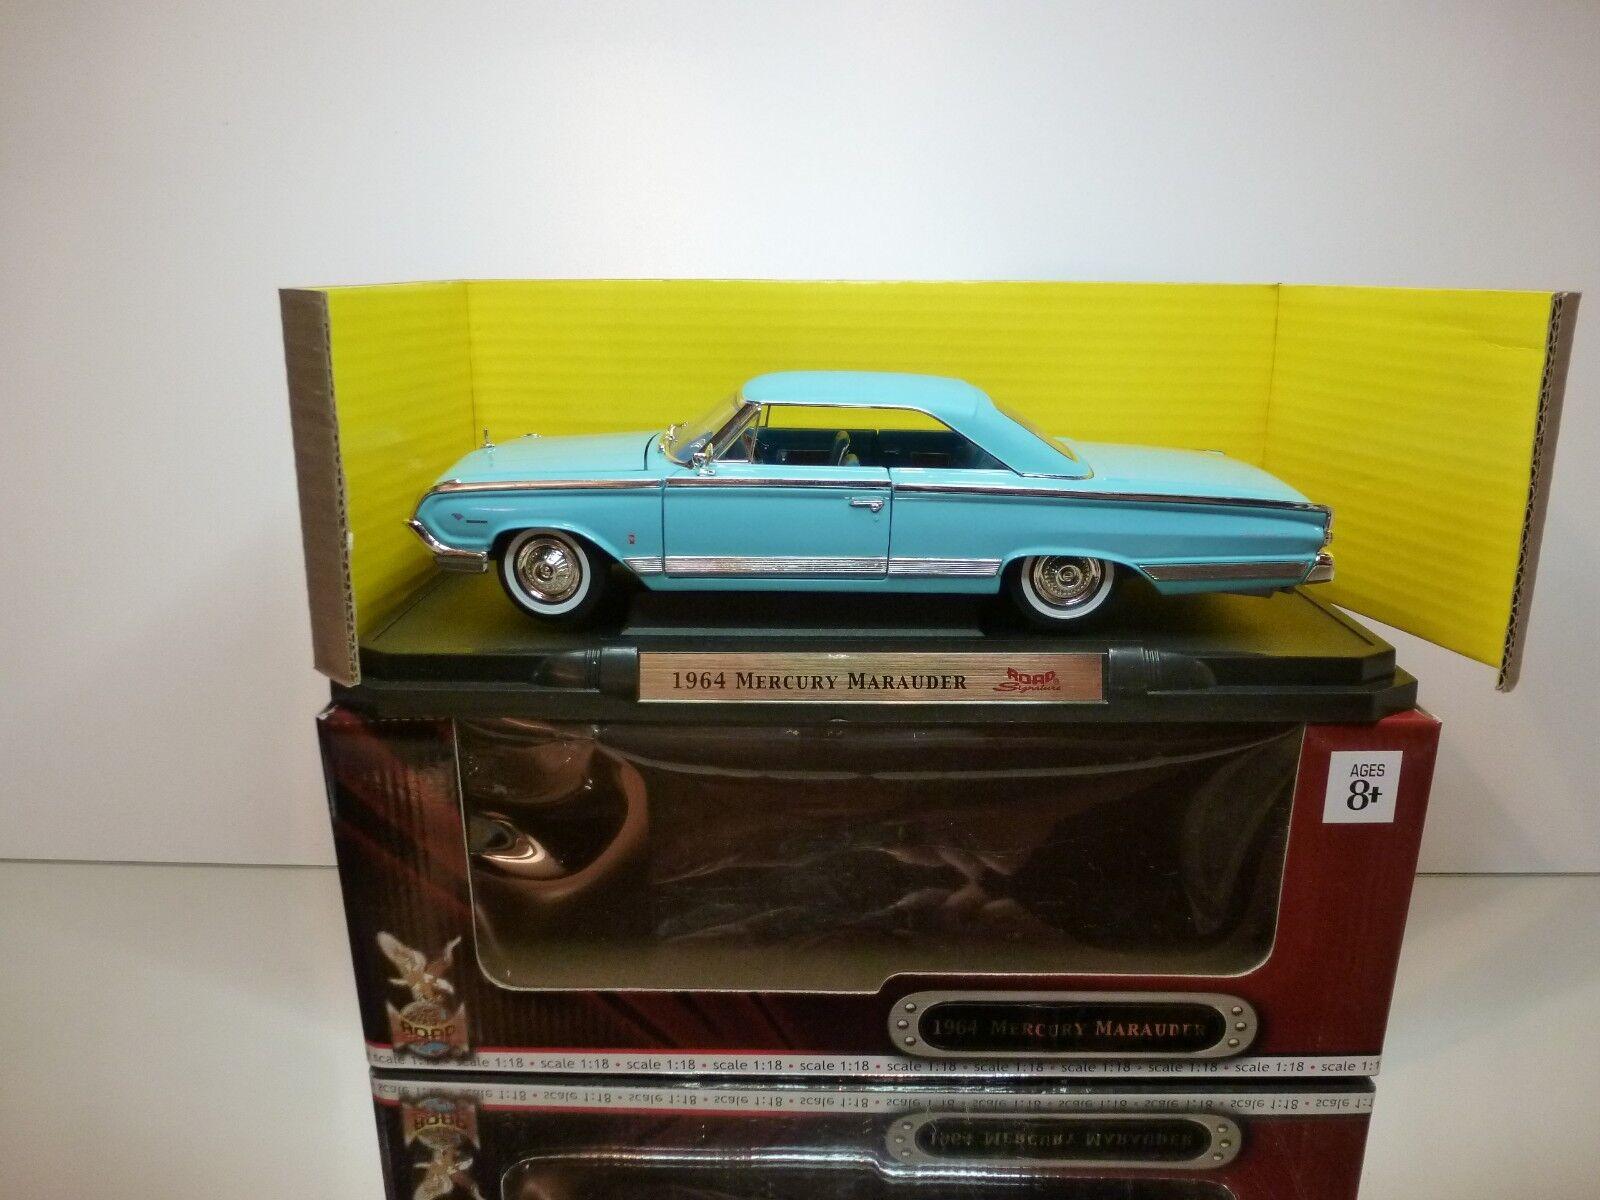 YATMING 92568 MERCURY MARAUDER 1964 PARKLANE - azul 1 18 - VERY GOOD IN BOX